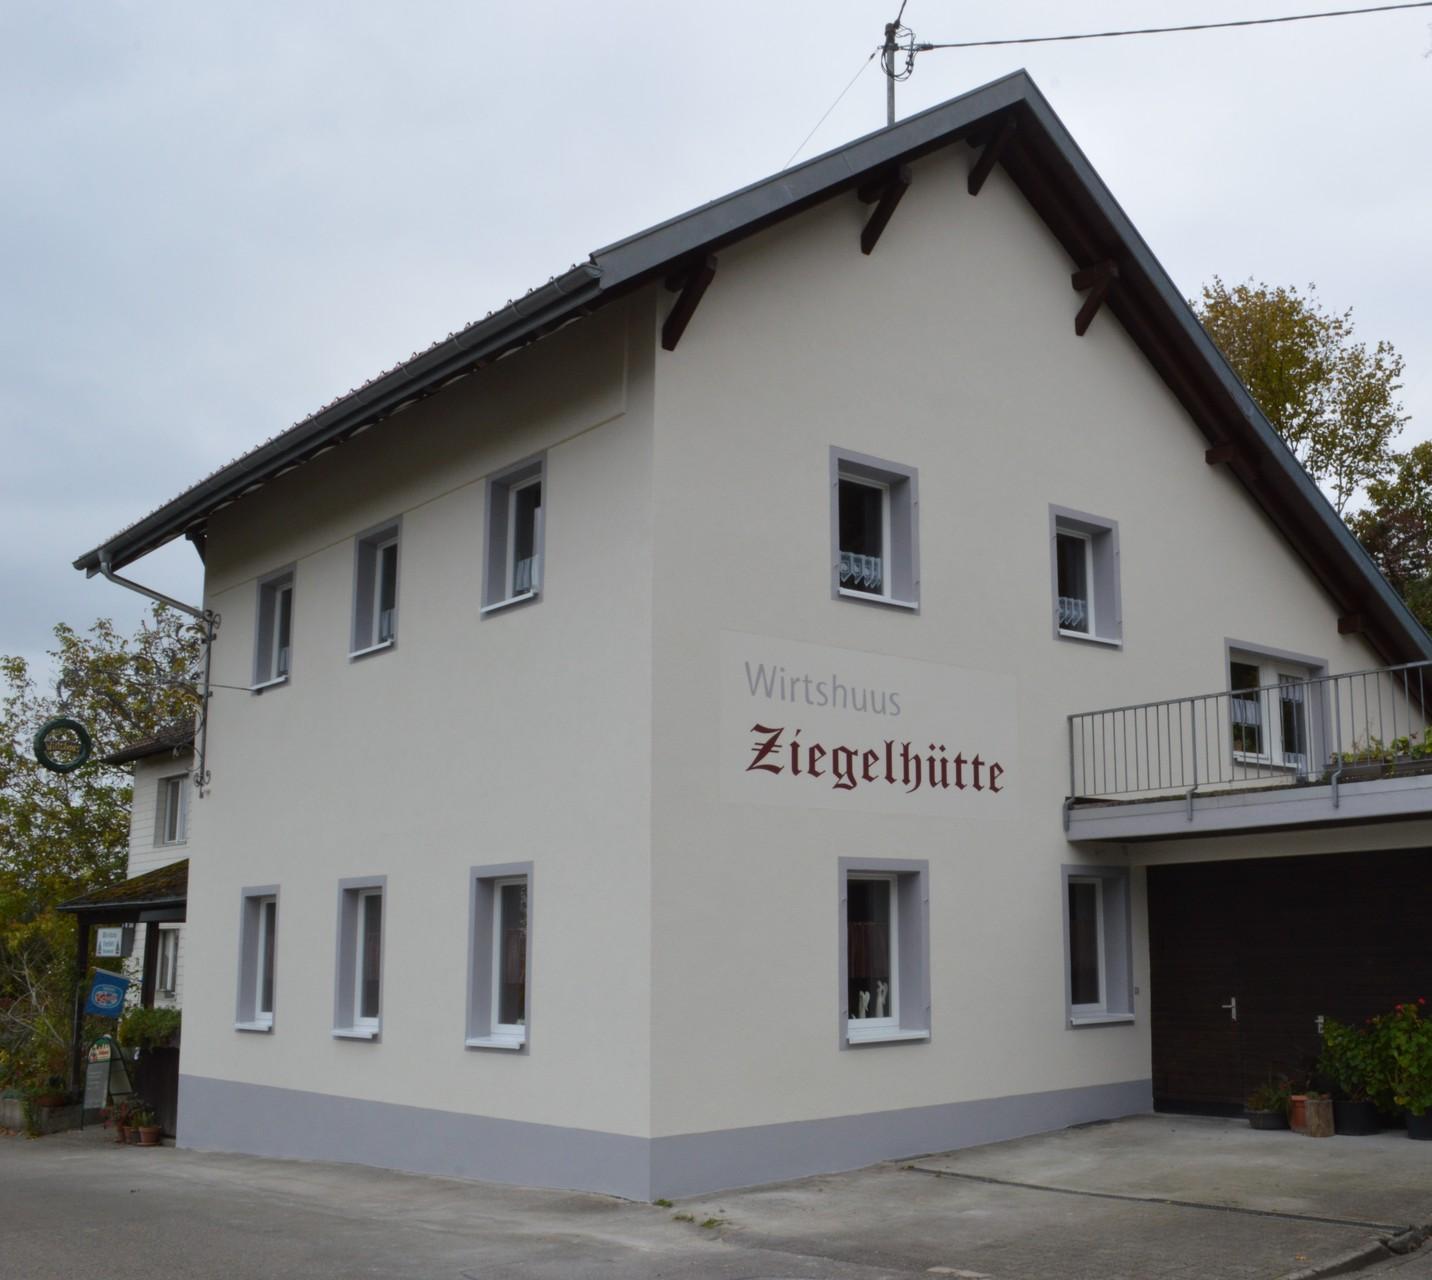 Ziegelhütte Eschbach